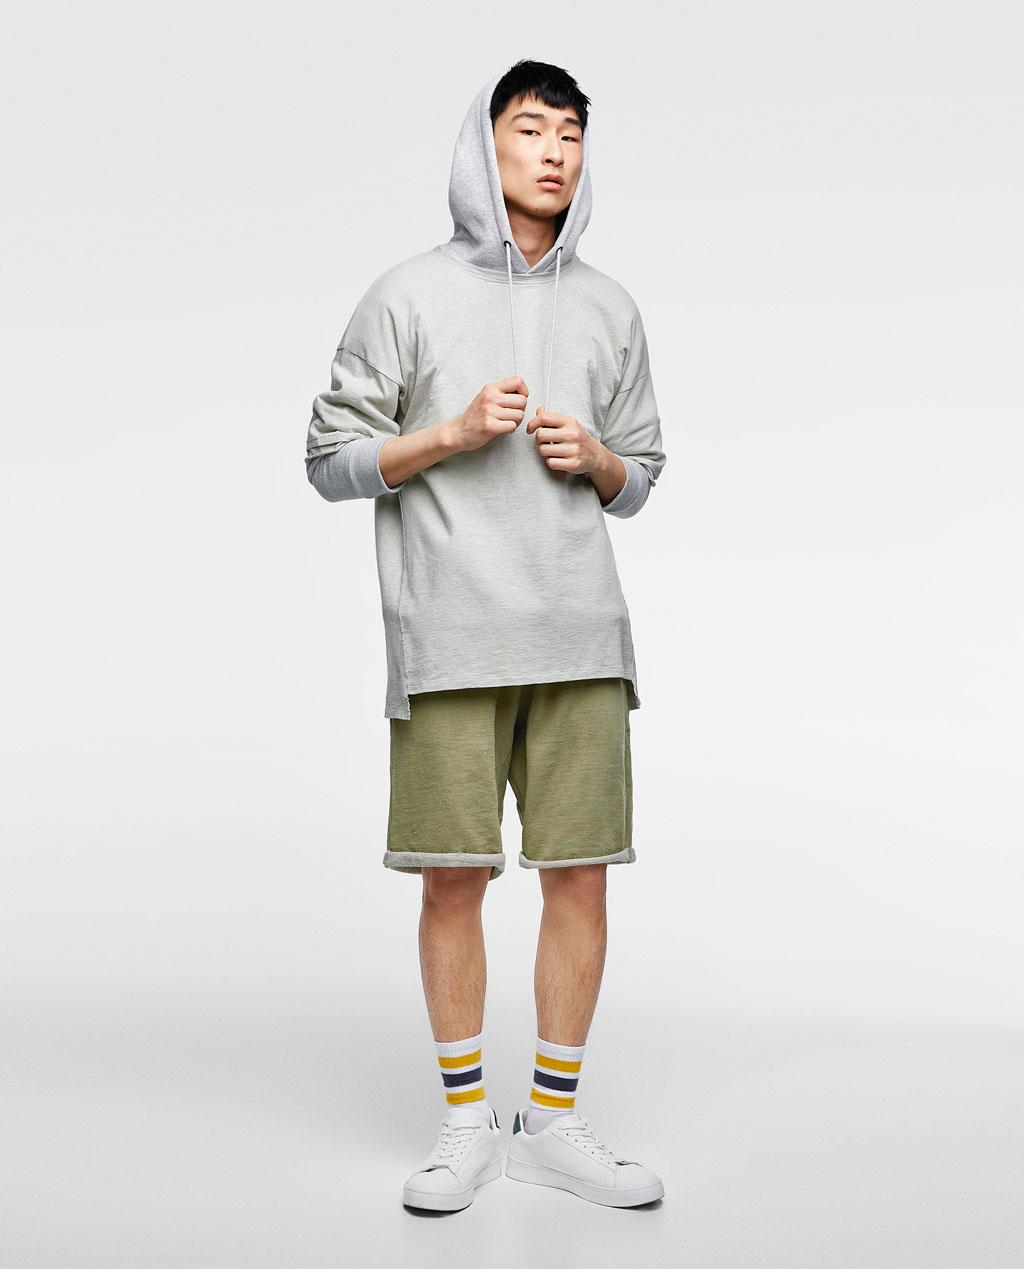 Thời trang nam Zara  24055 - ảnh 3